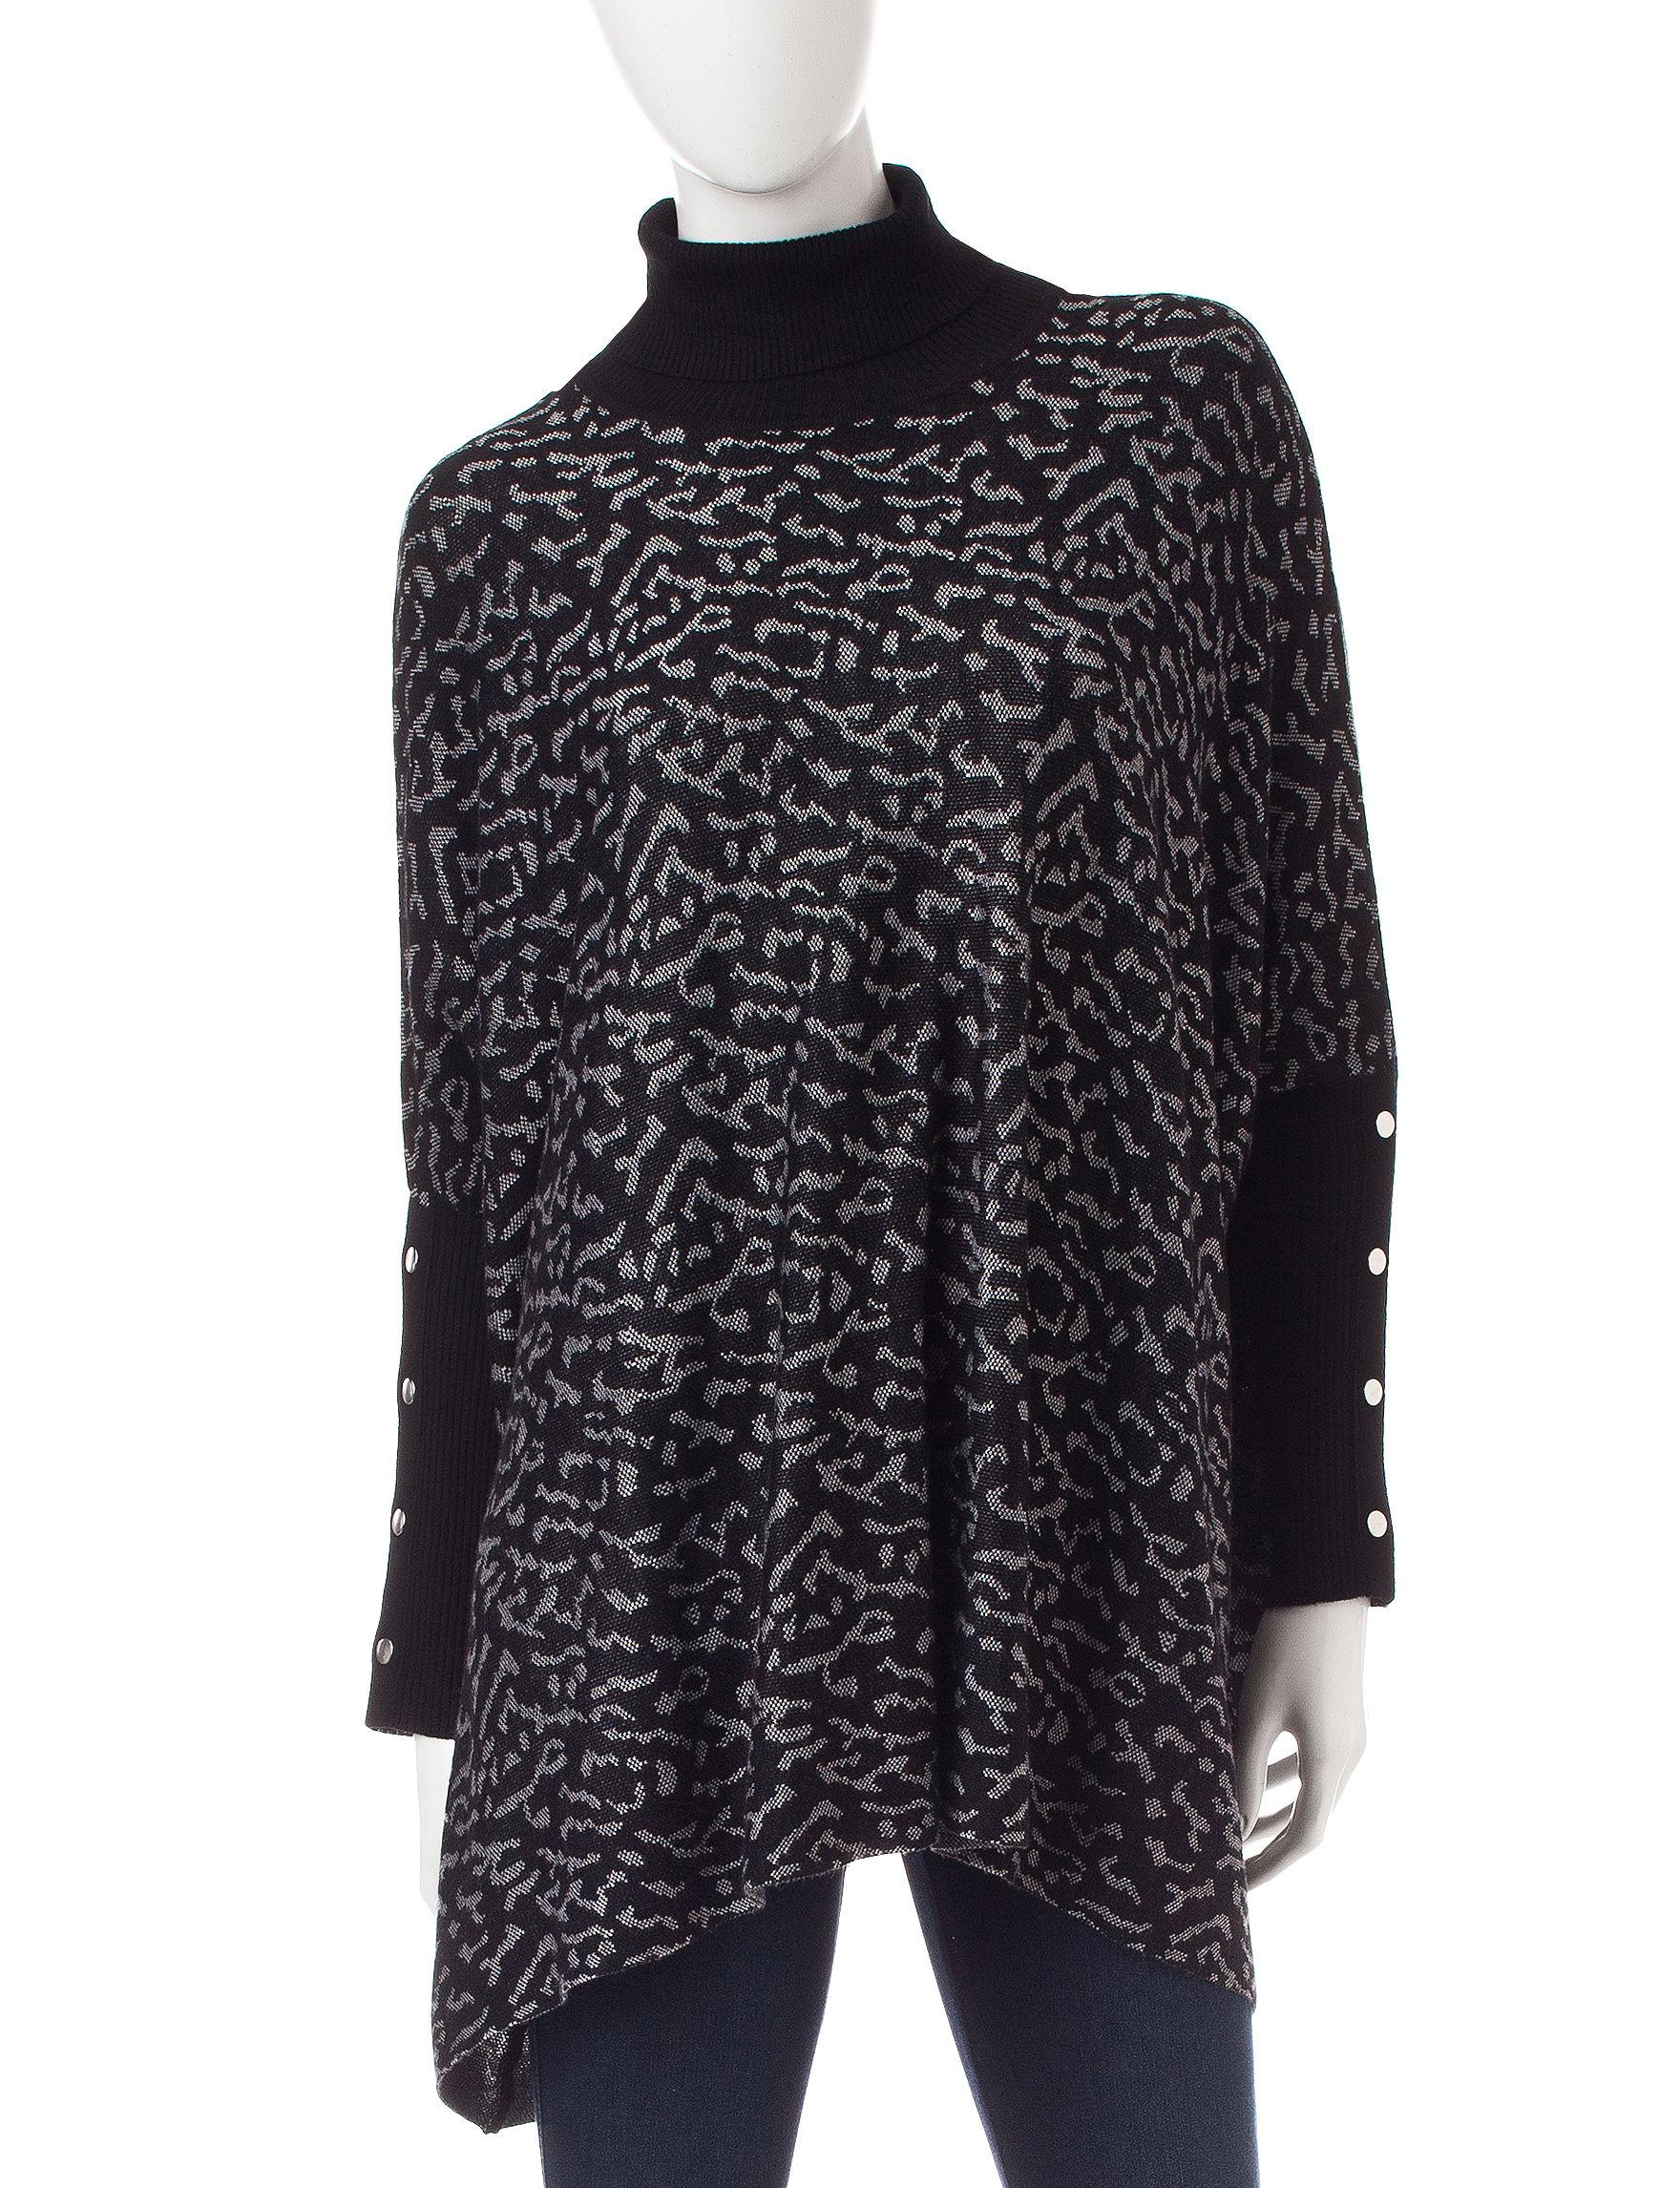 Hannah Black Multi Sweaters